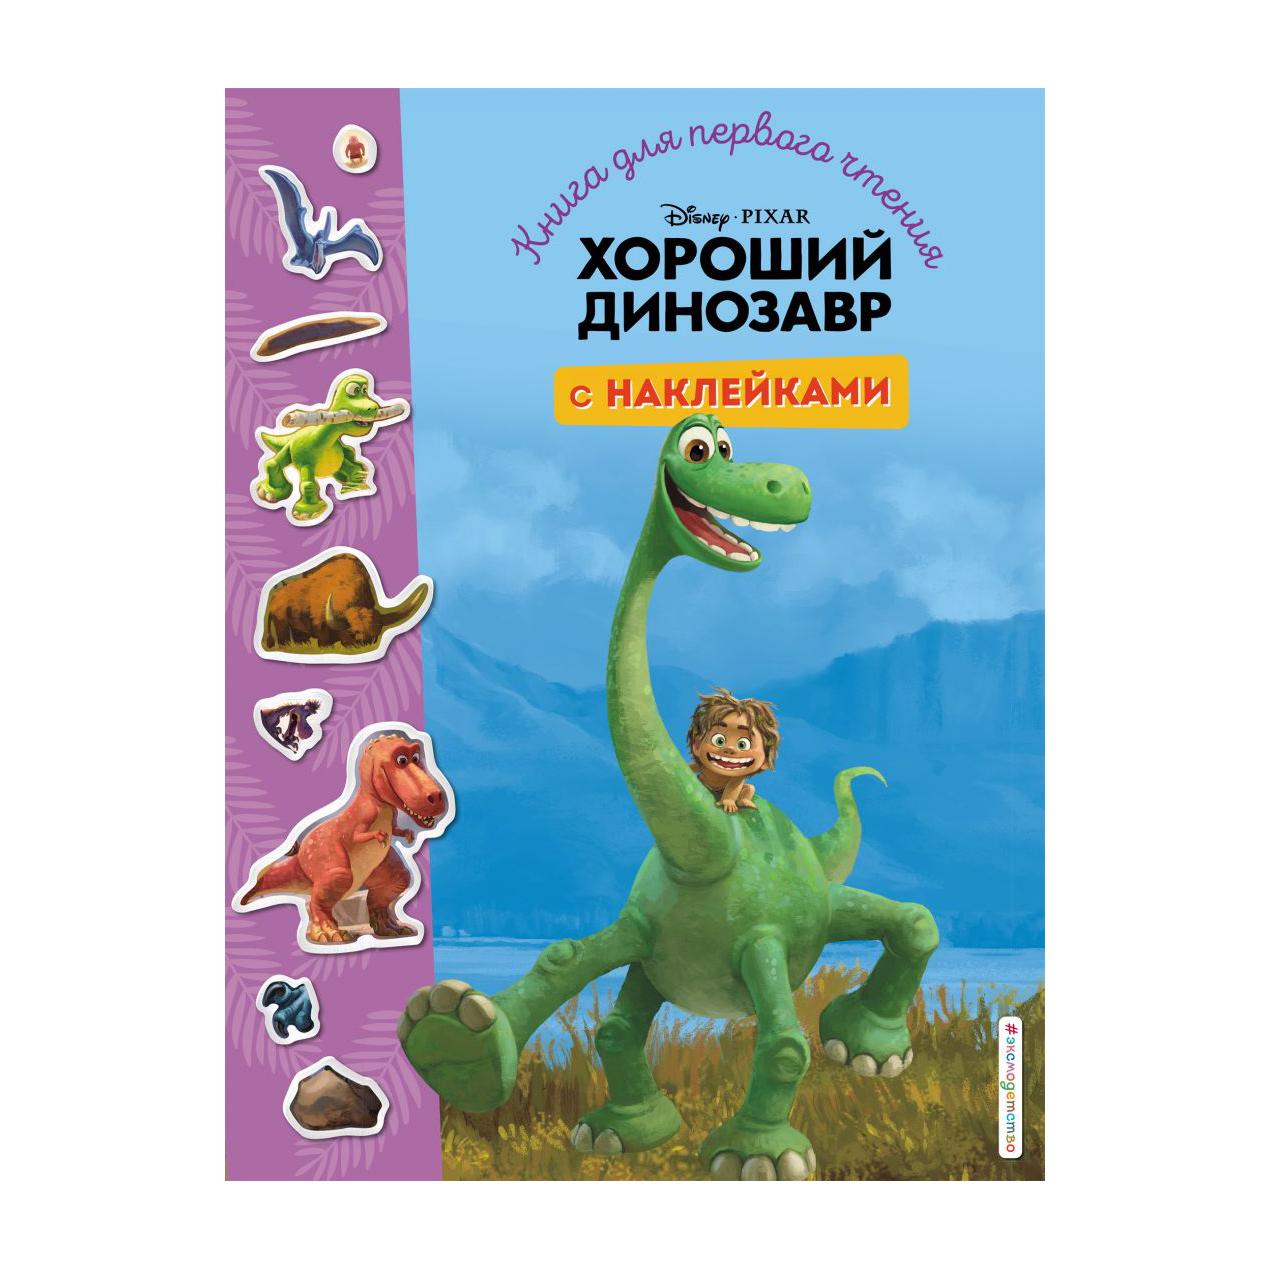 Книга Эксмо Хороший динозавр. Для первого чтения с наклейками